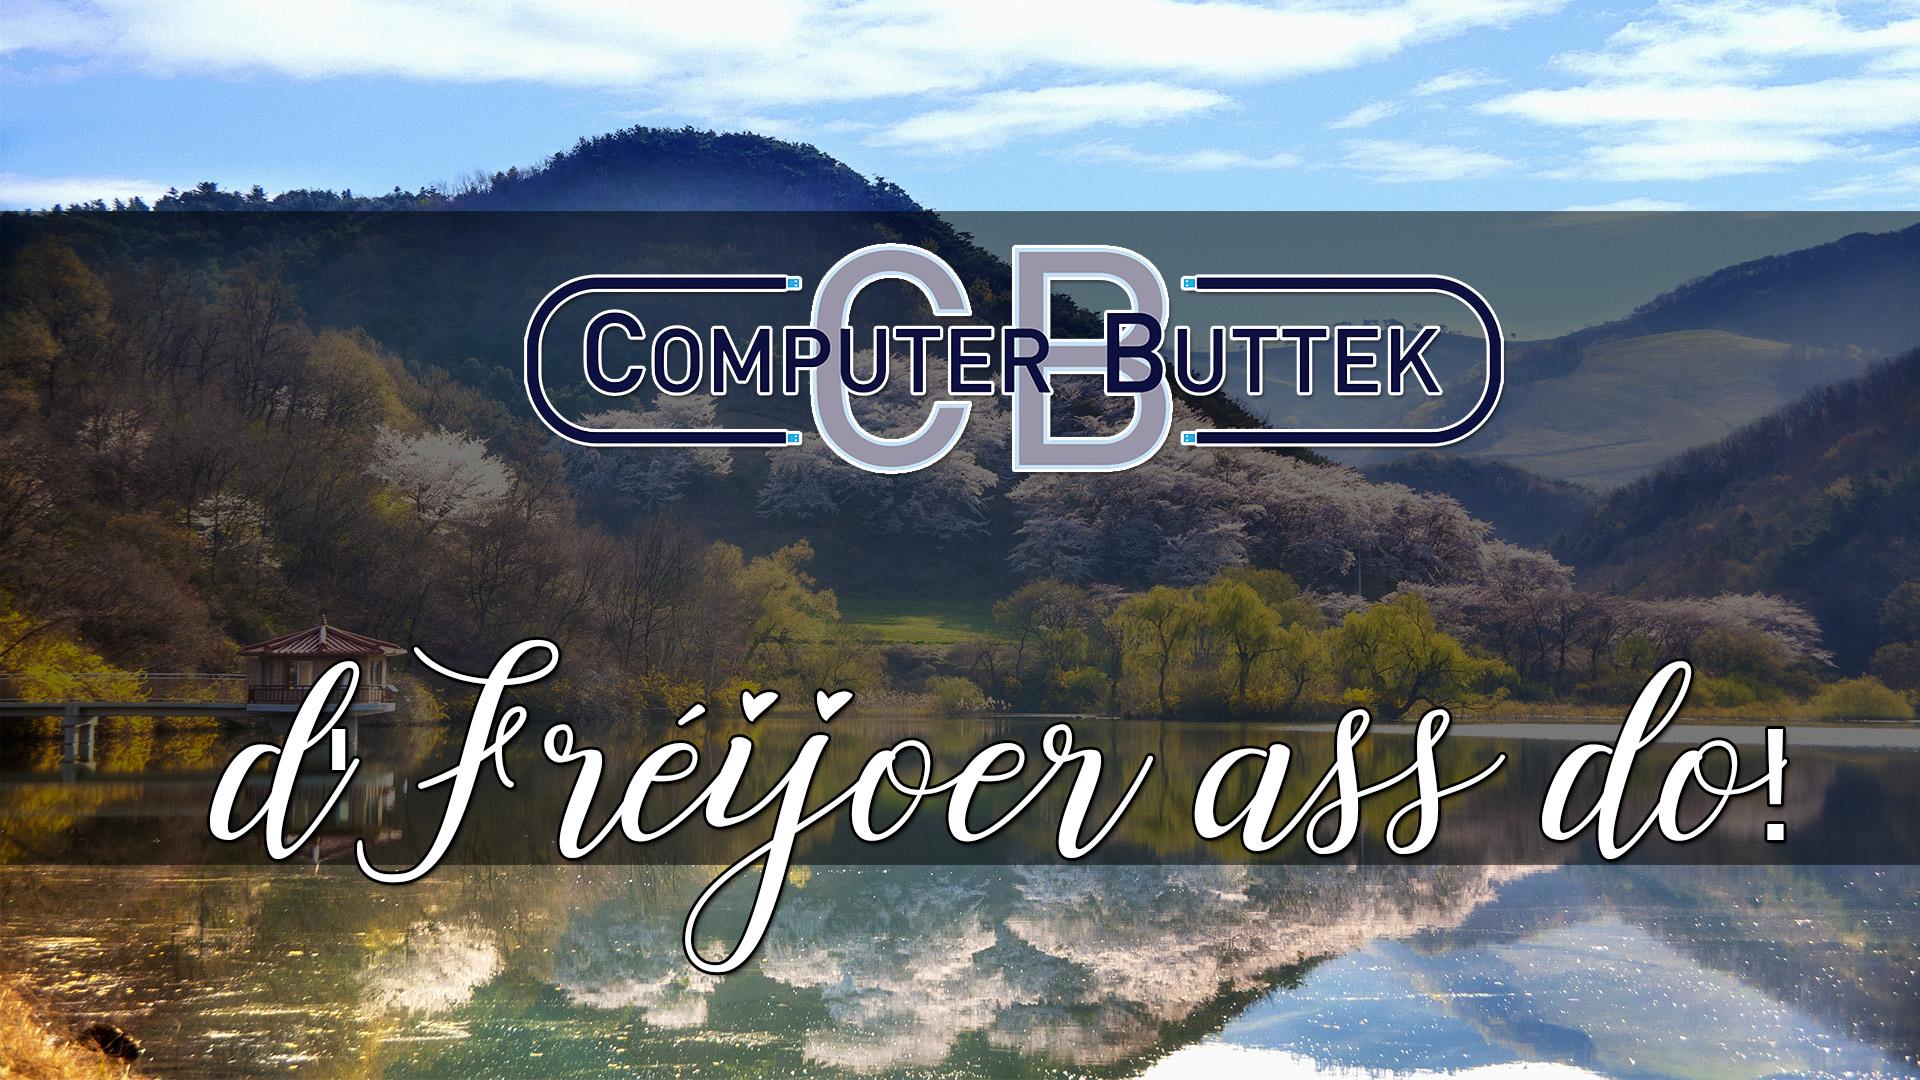 cb_freijoer_main